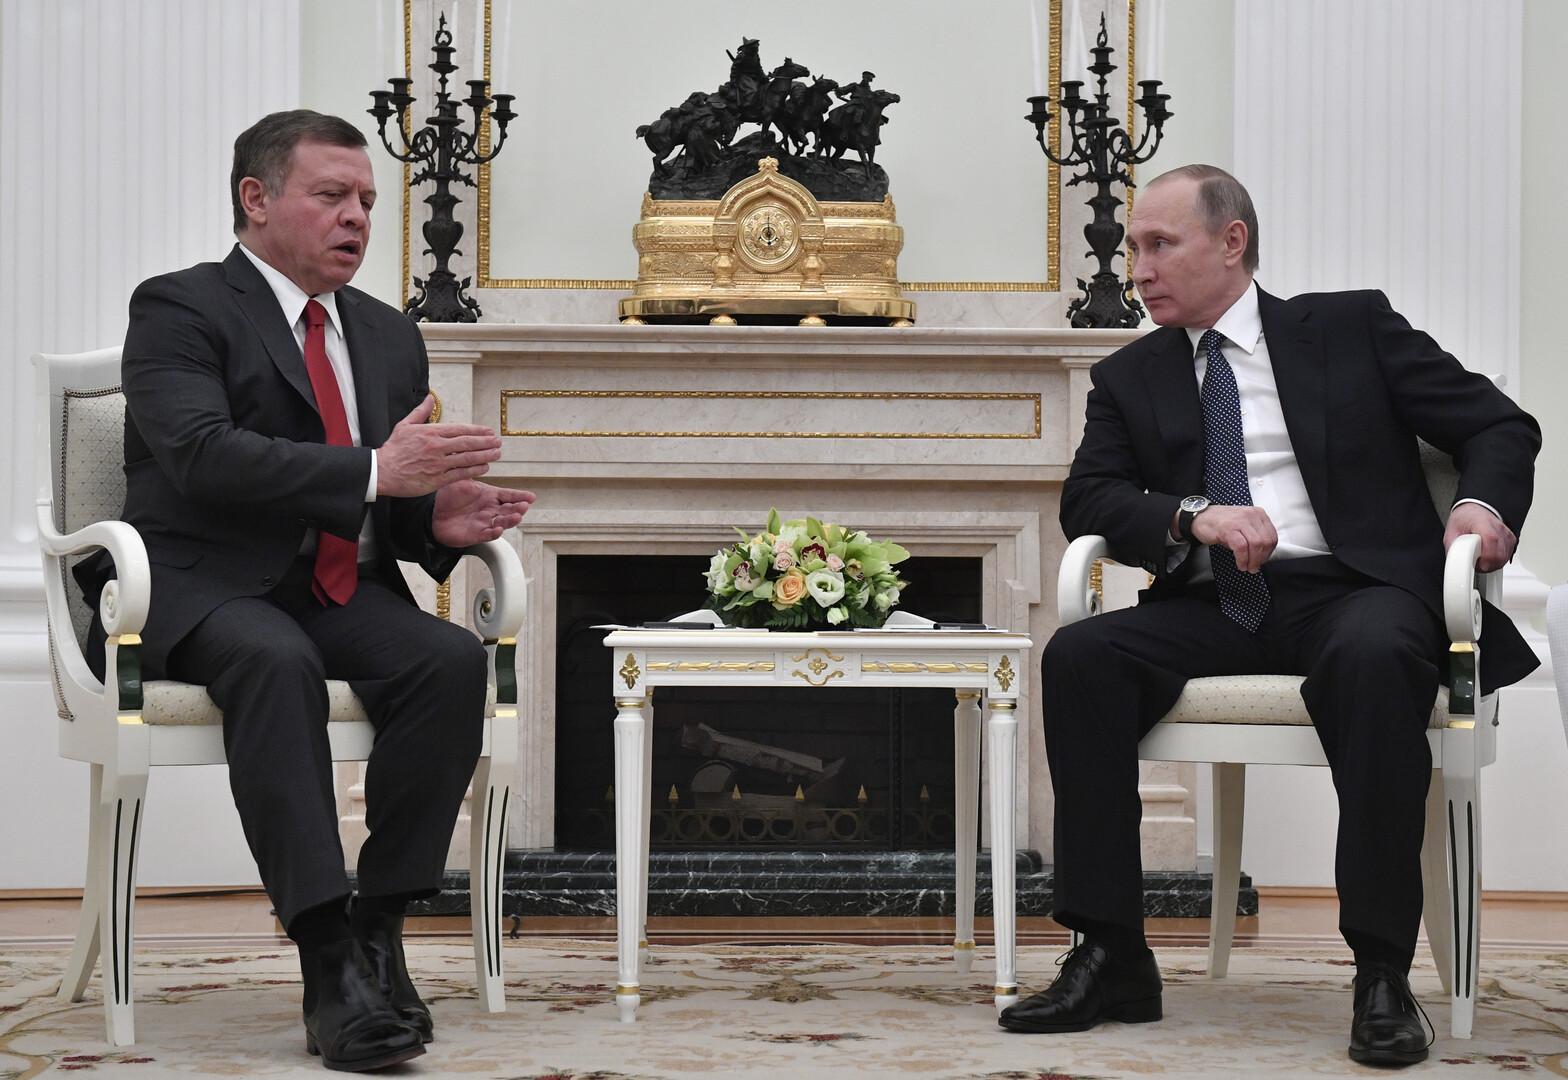 الرئيس الروسي فلاديمير بوتين والملك الأردني عبد الله الثاني - أرشيف